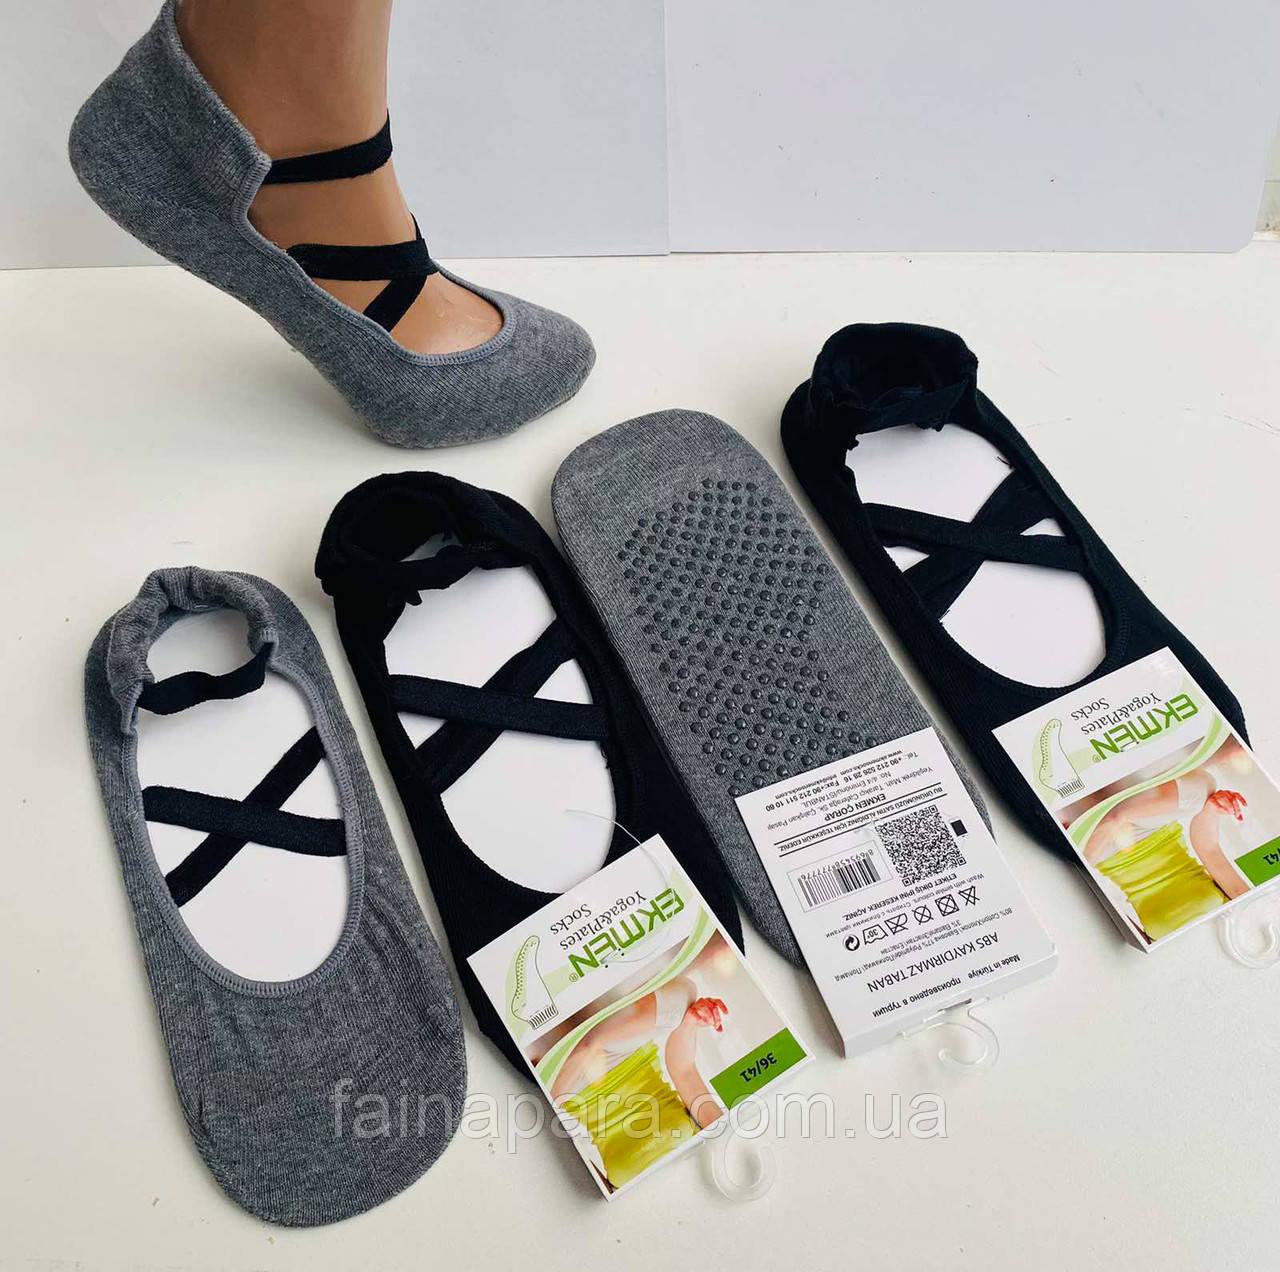 Шкарпетки для йоги та фітнесу нековзні з фіксуючими гумками